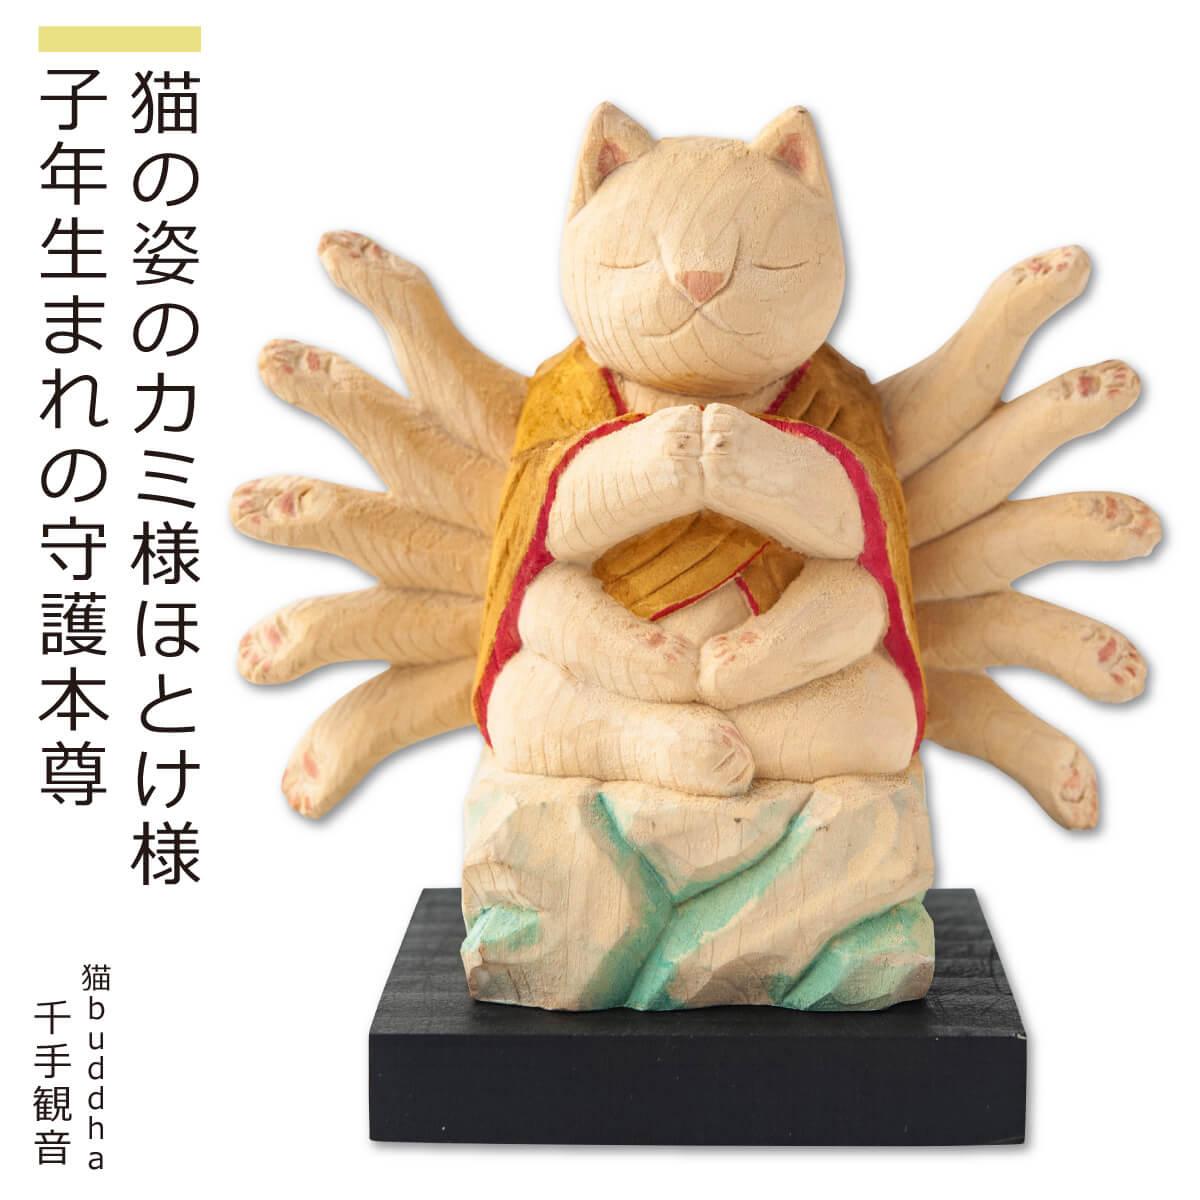 ディスカウント 猫buddha 千手観音 子年生まれの守護本尊にゃ ≫ にゃんブッダ 時間指定不可 癒される猫姿の神さま仏さま 仏屋さかい原型 監修 置物 ギフト すべて木彫りで作っちゃいました 木彫り 猫 プレゼント 仏像 ねこ